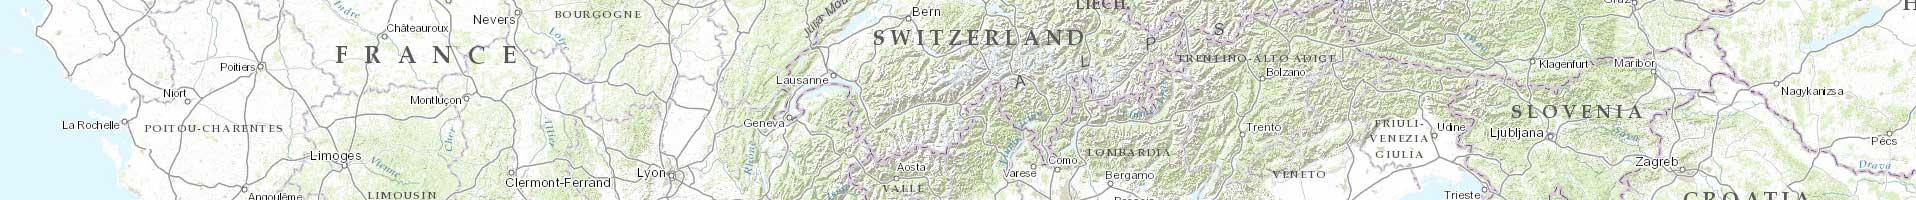 Carte topographique Monde / ESRI 2e niveau d'agrandissement